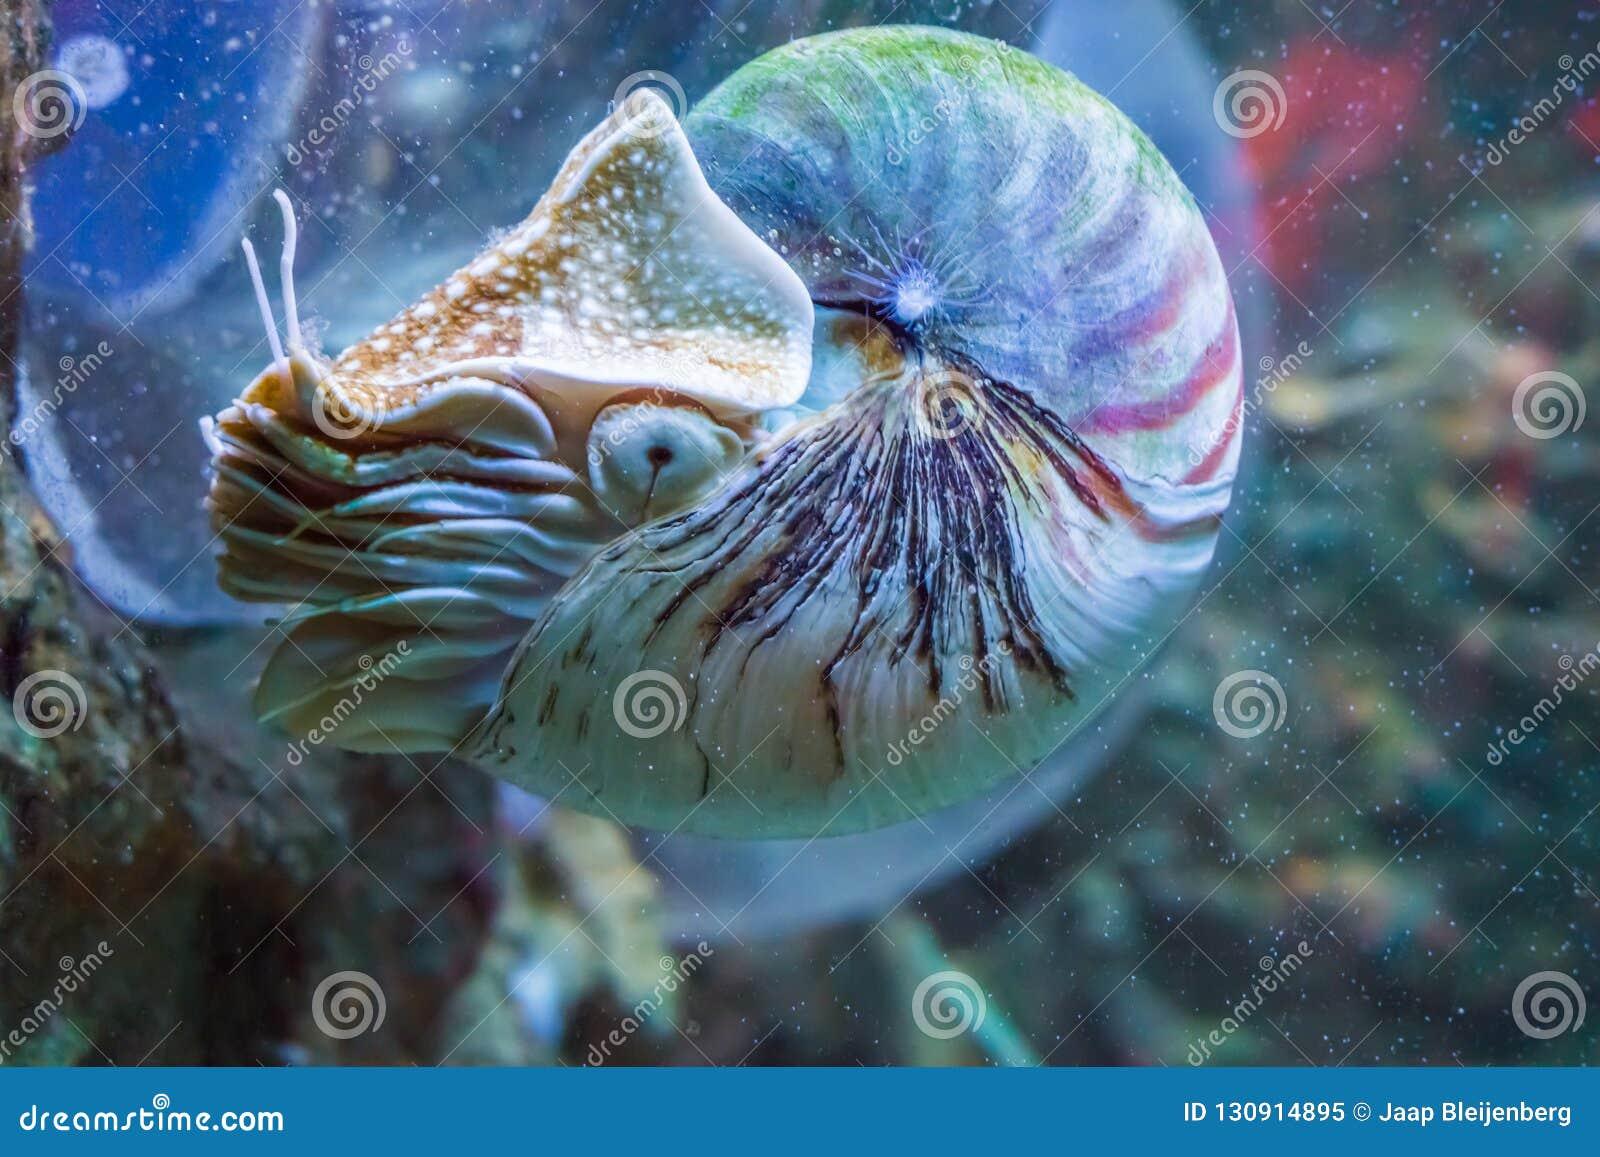 Nautiluskalmar ein versteinertes Unterwassertier des seltenen und schönen lebenden Oberteils see